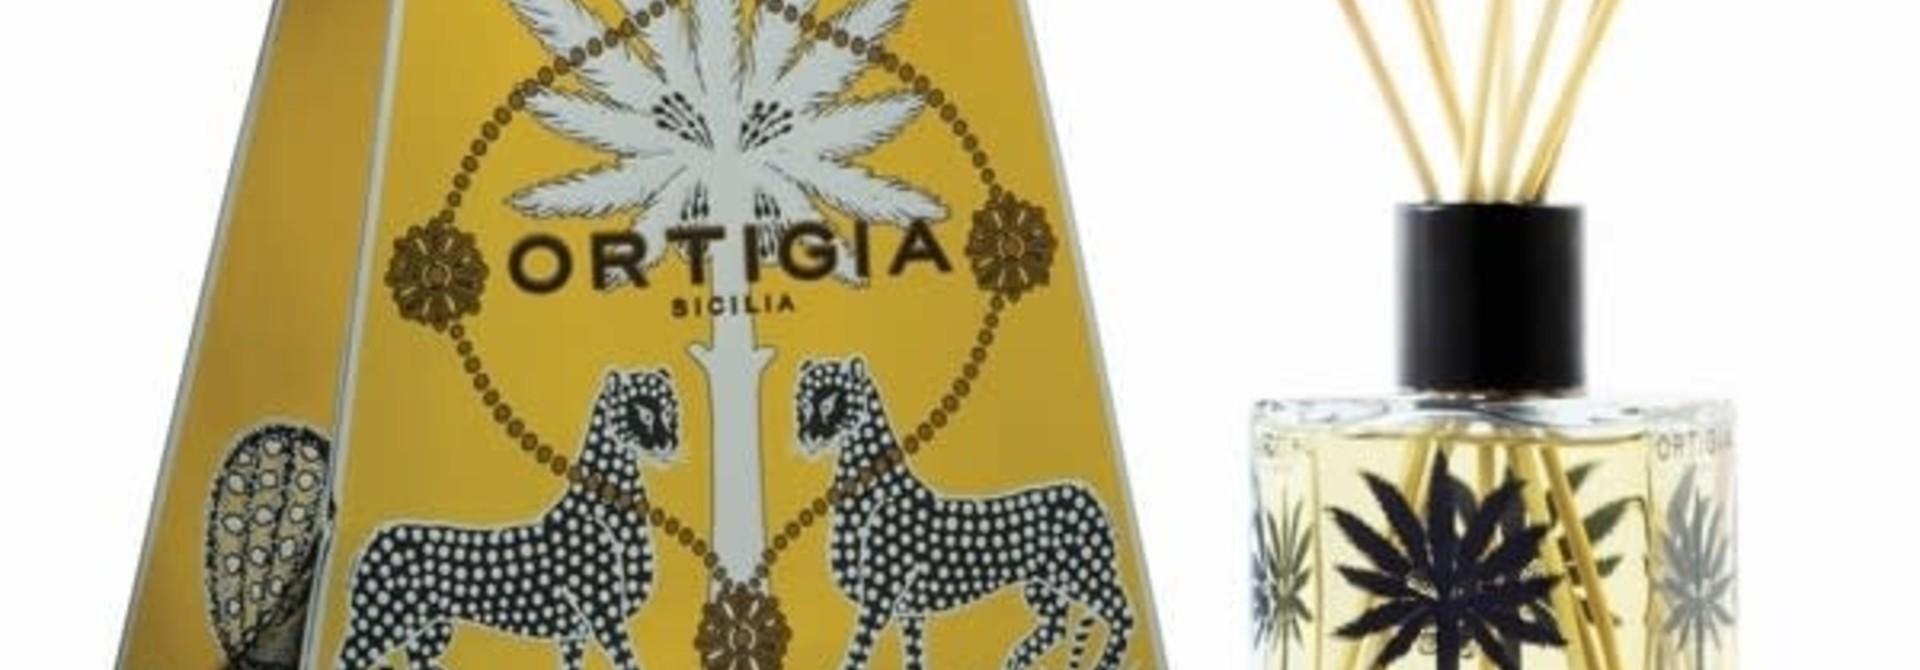 ortigia Sicilia diffuser Zagara 200ml